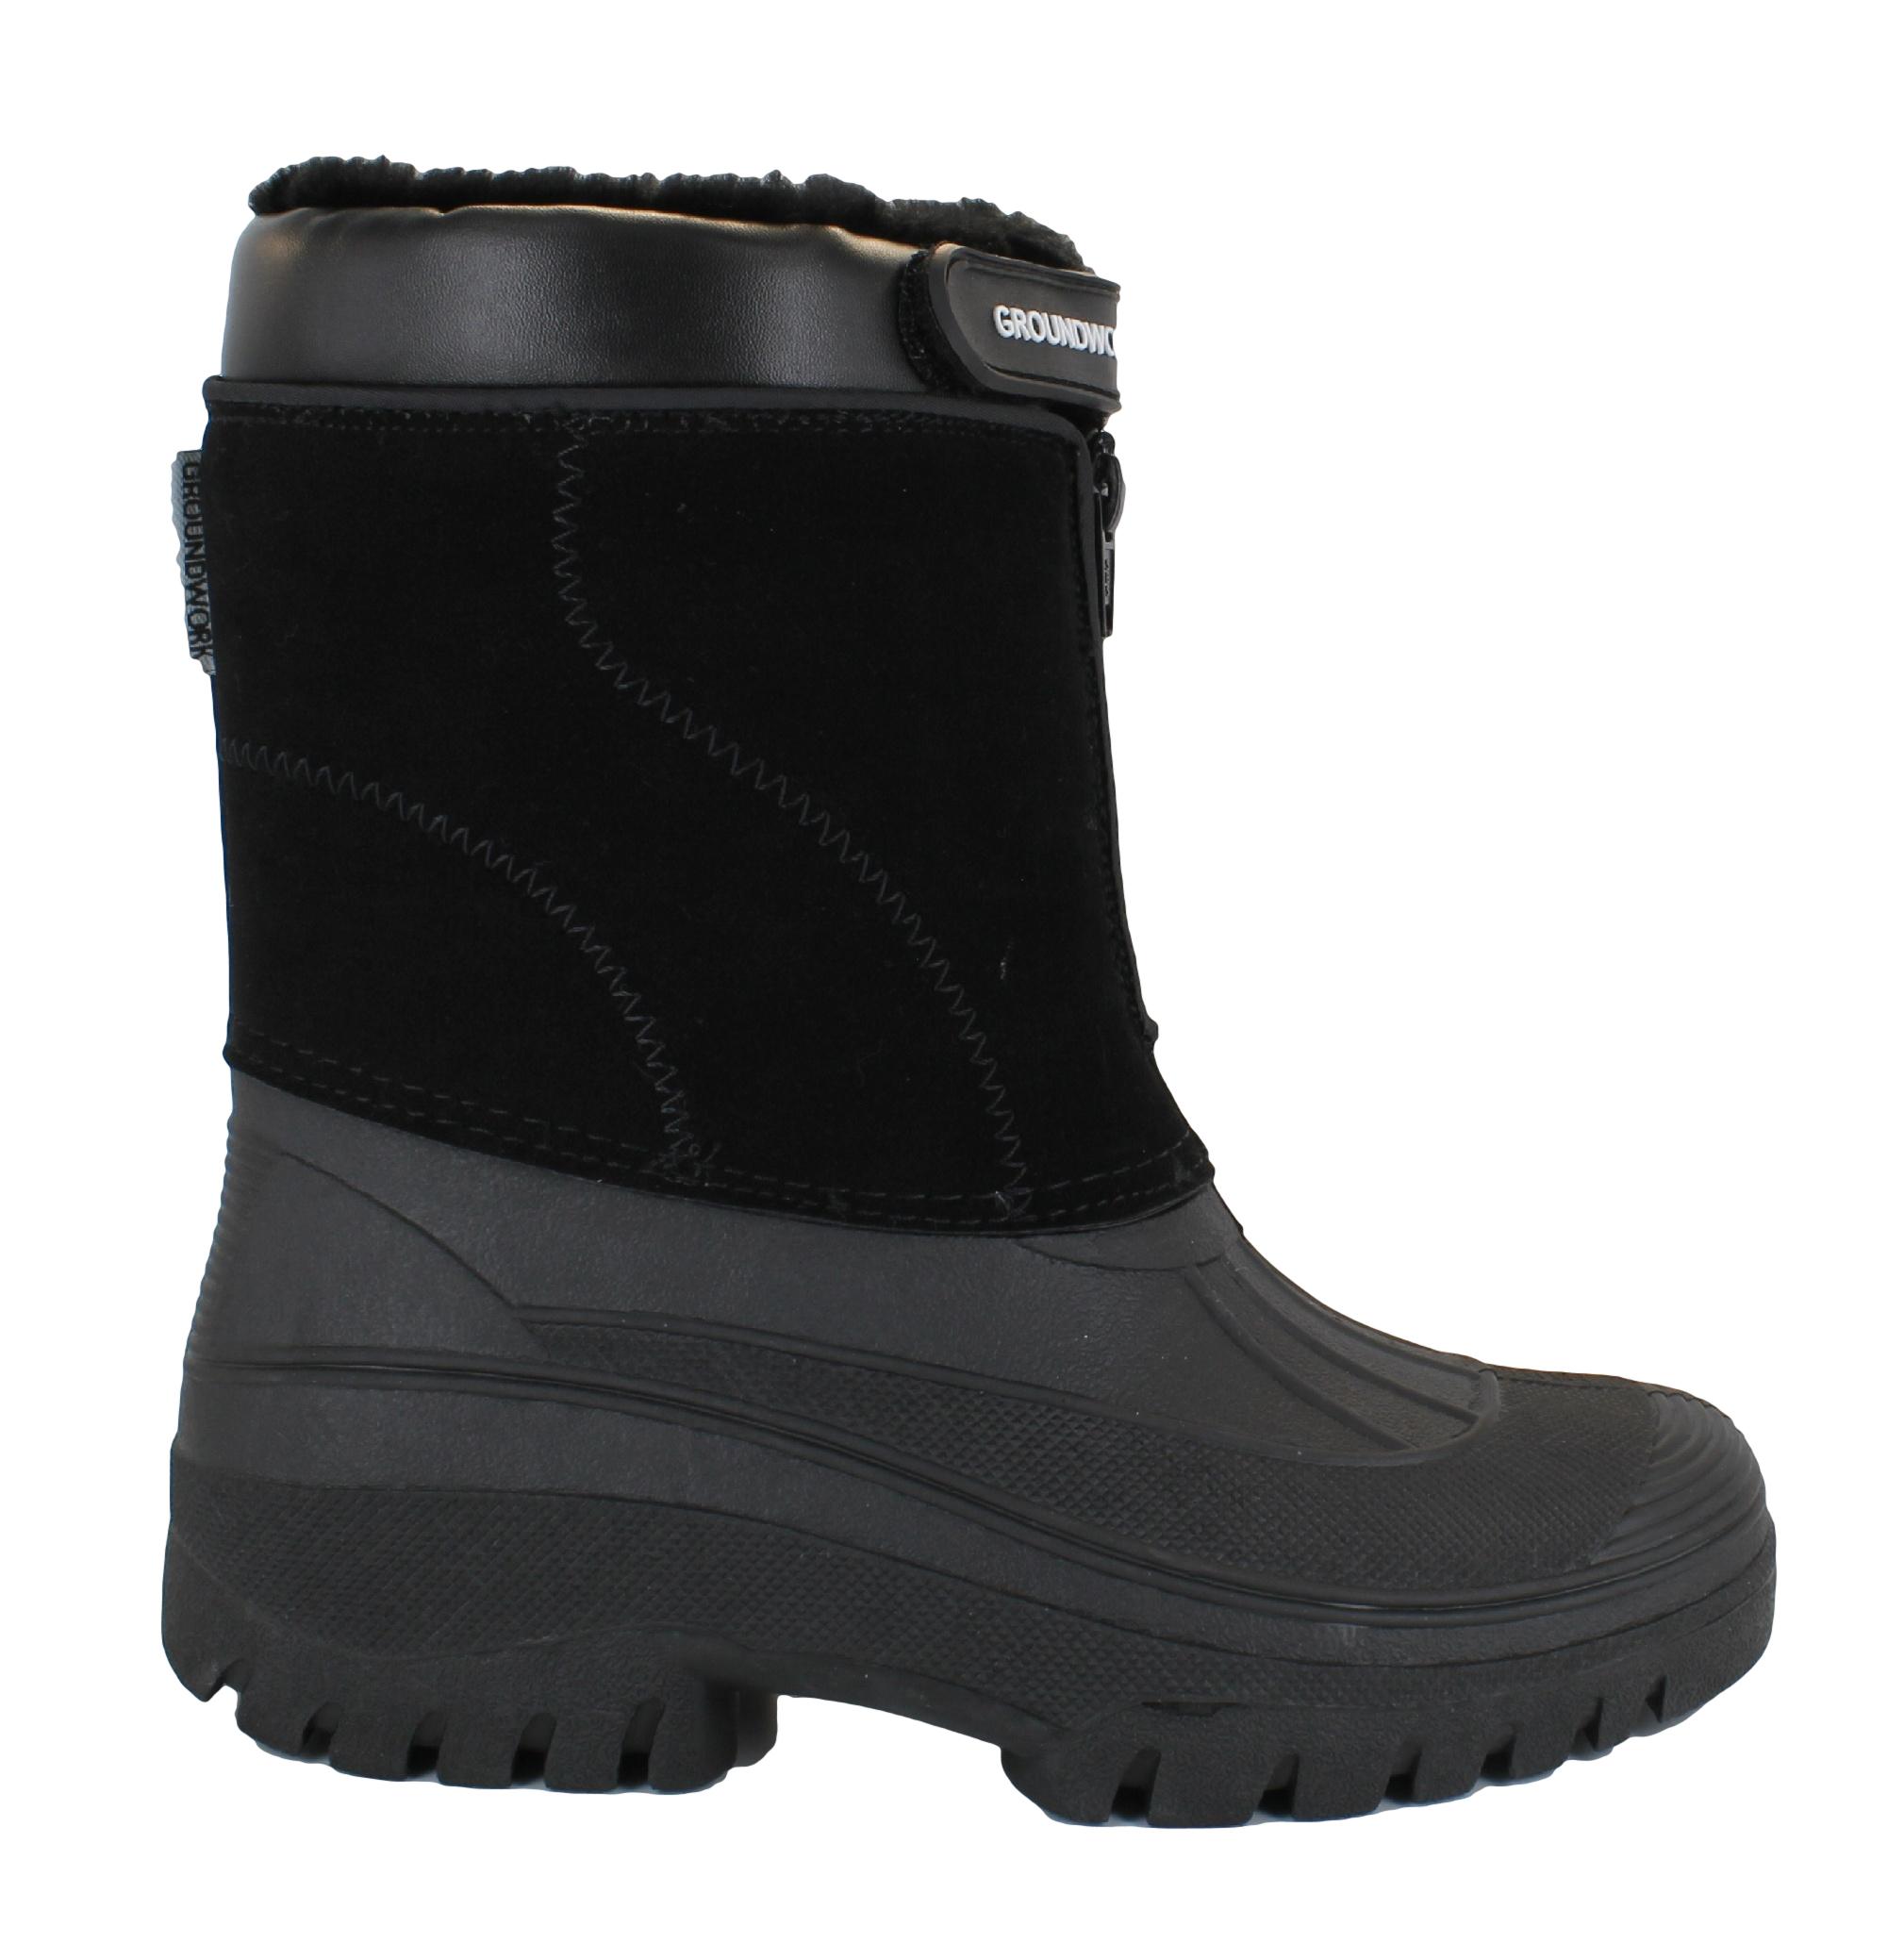 Mens Mucker Stable Yard Waterproof Winter Snow Zip Boots